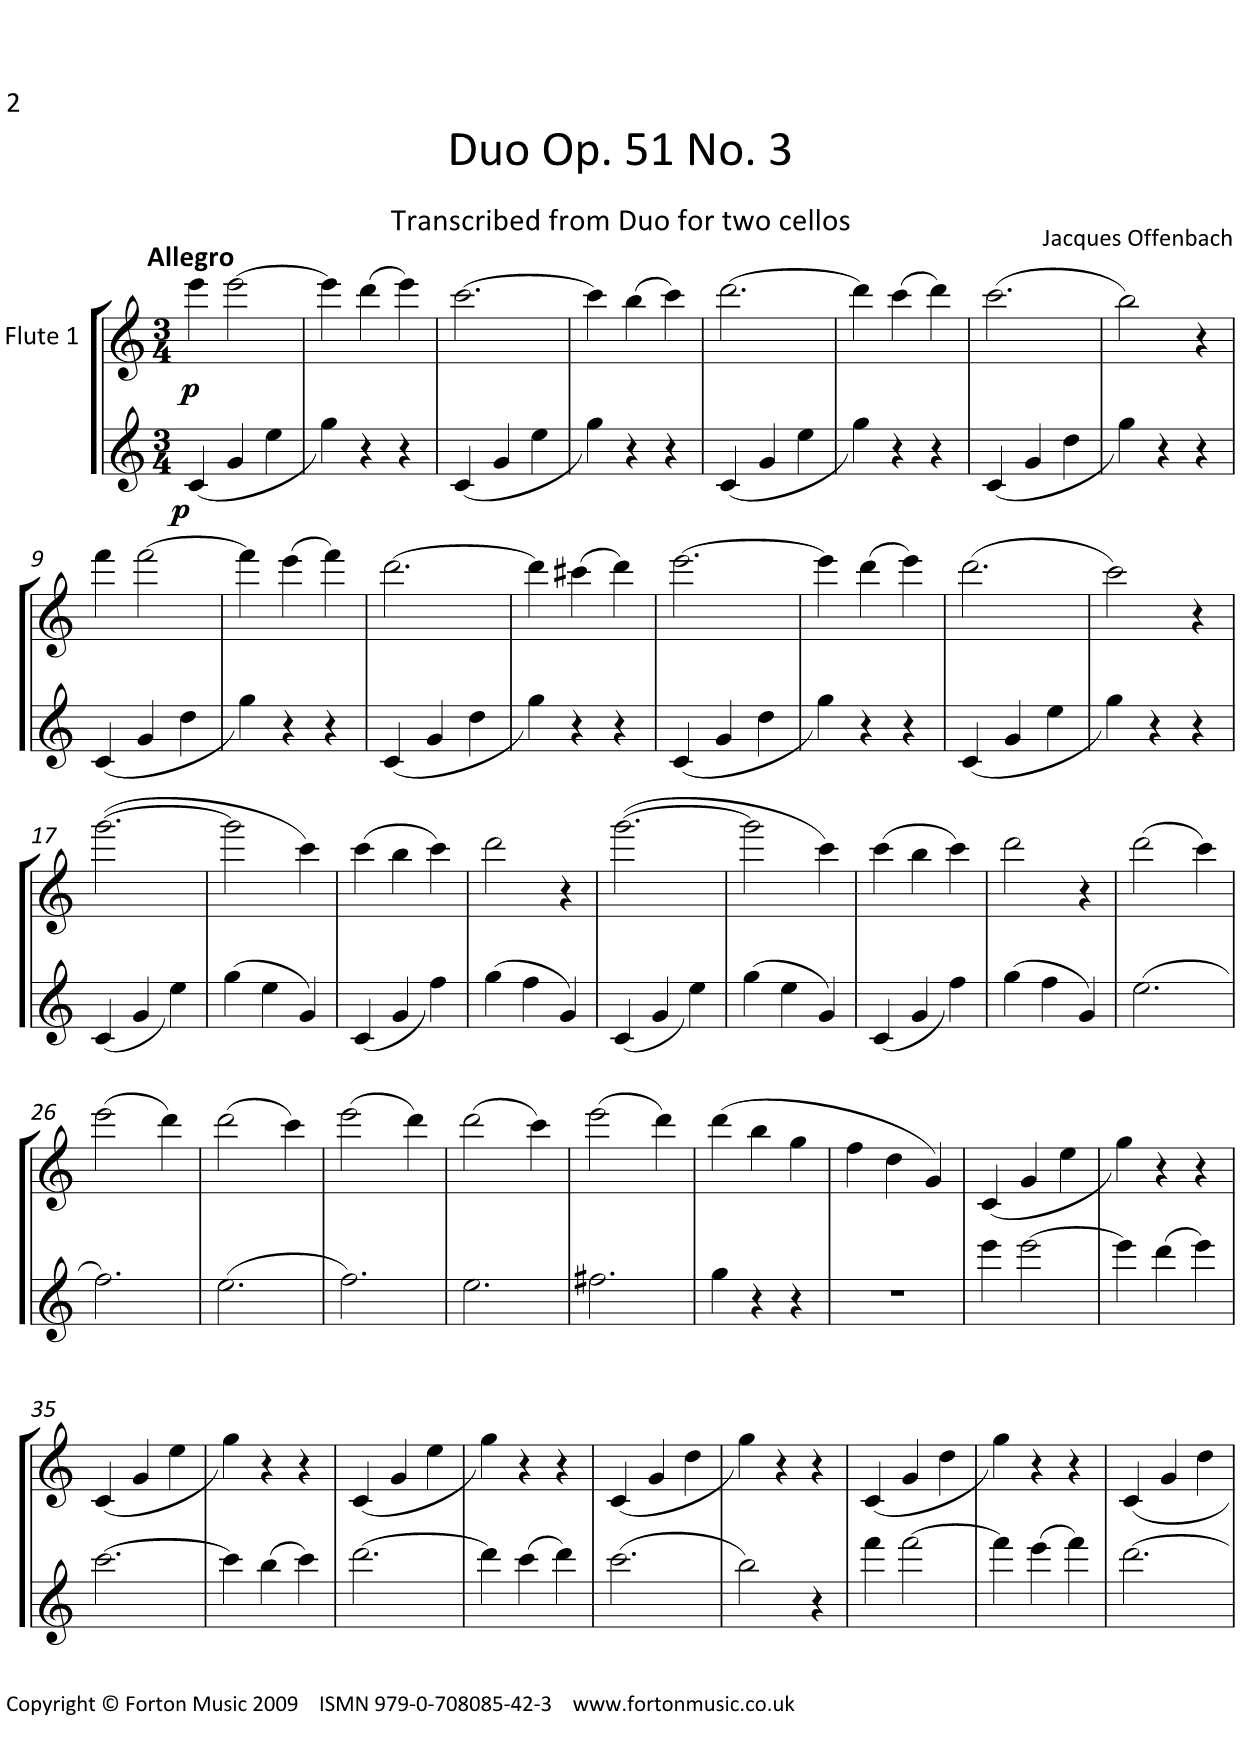 Duos Opus 51 no 3